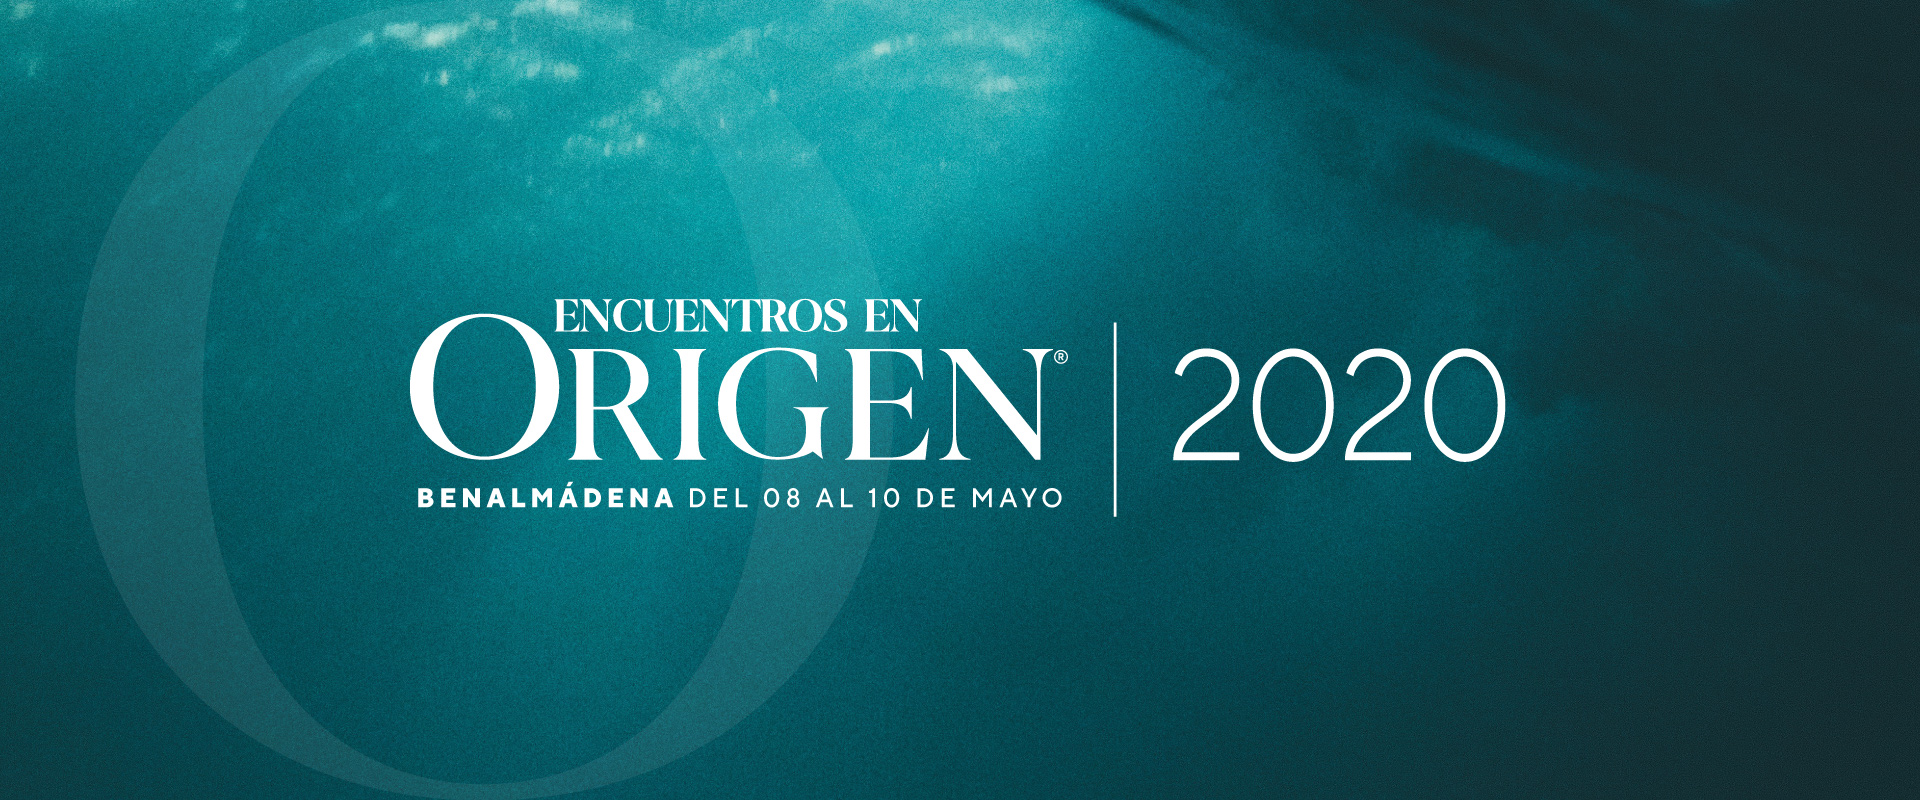 origen 2020